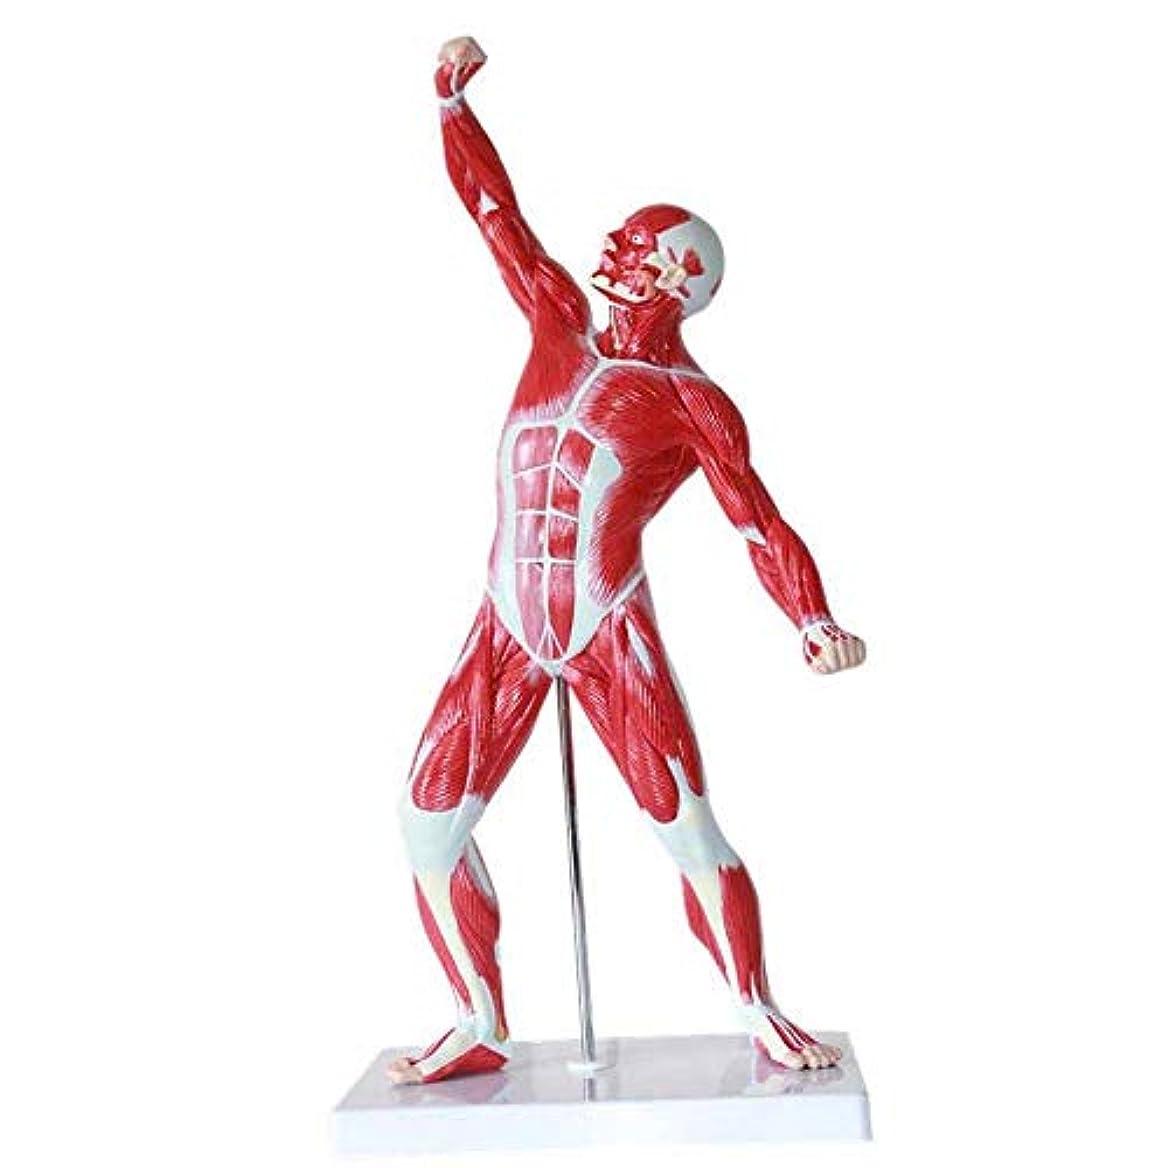 強要宿命流行医学モデル人体筋肉解剖モデル生物科学教育実演モデル